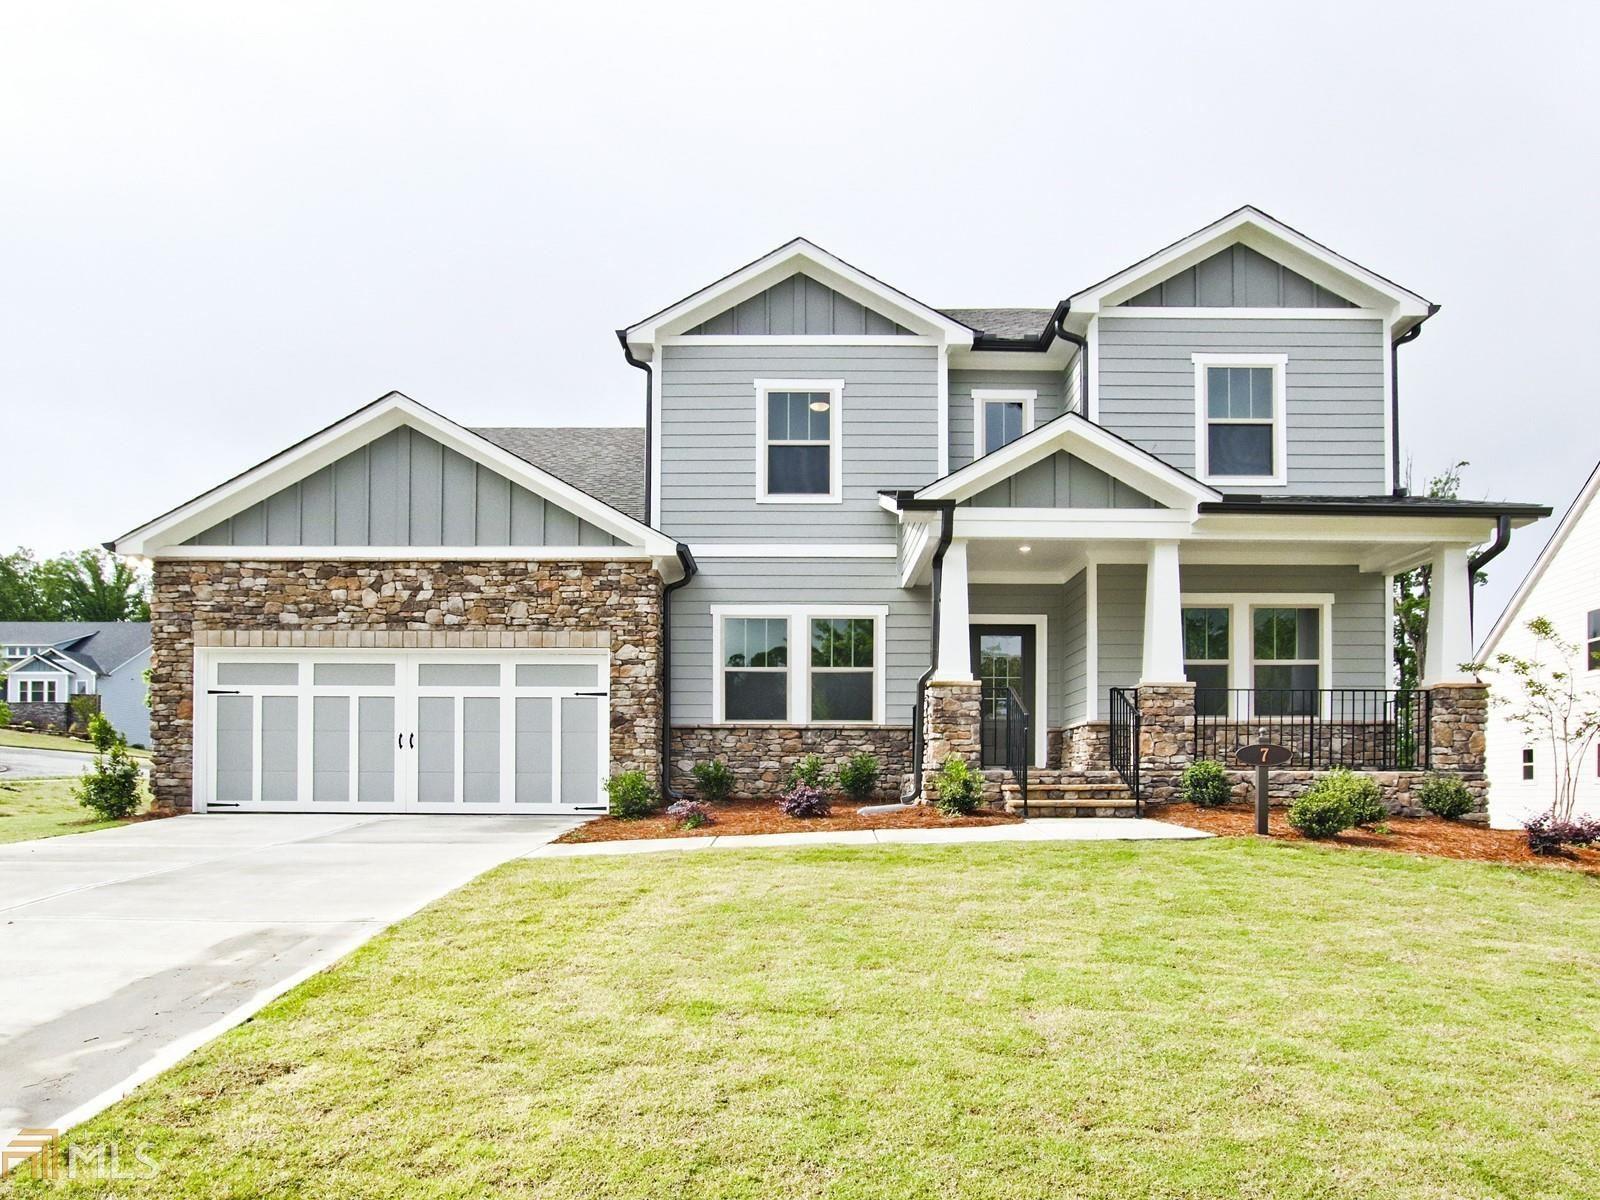 7 Bridgewater Ct, Dawsonville, GA 30534 - MLS#: 8699747